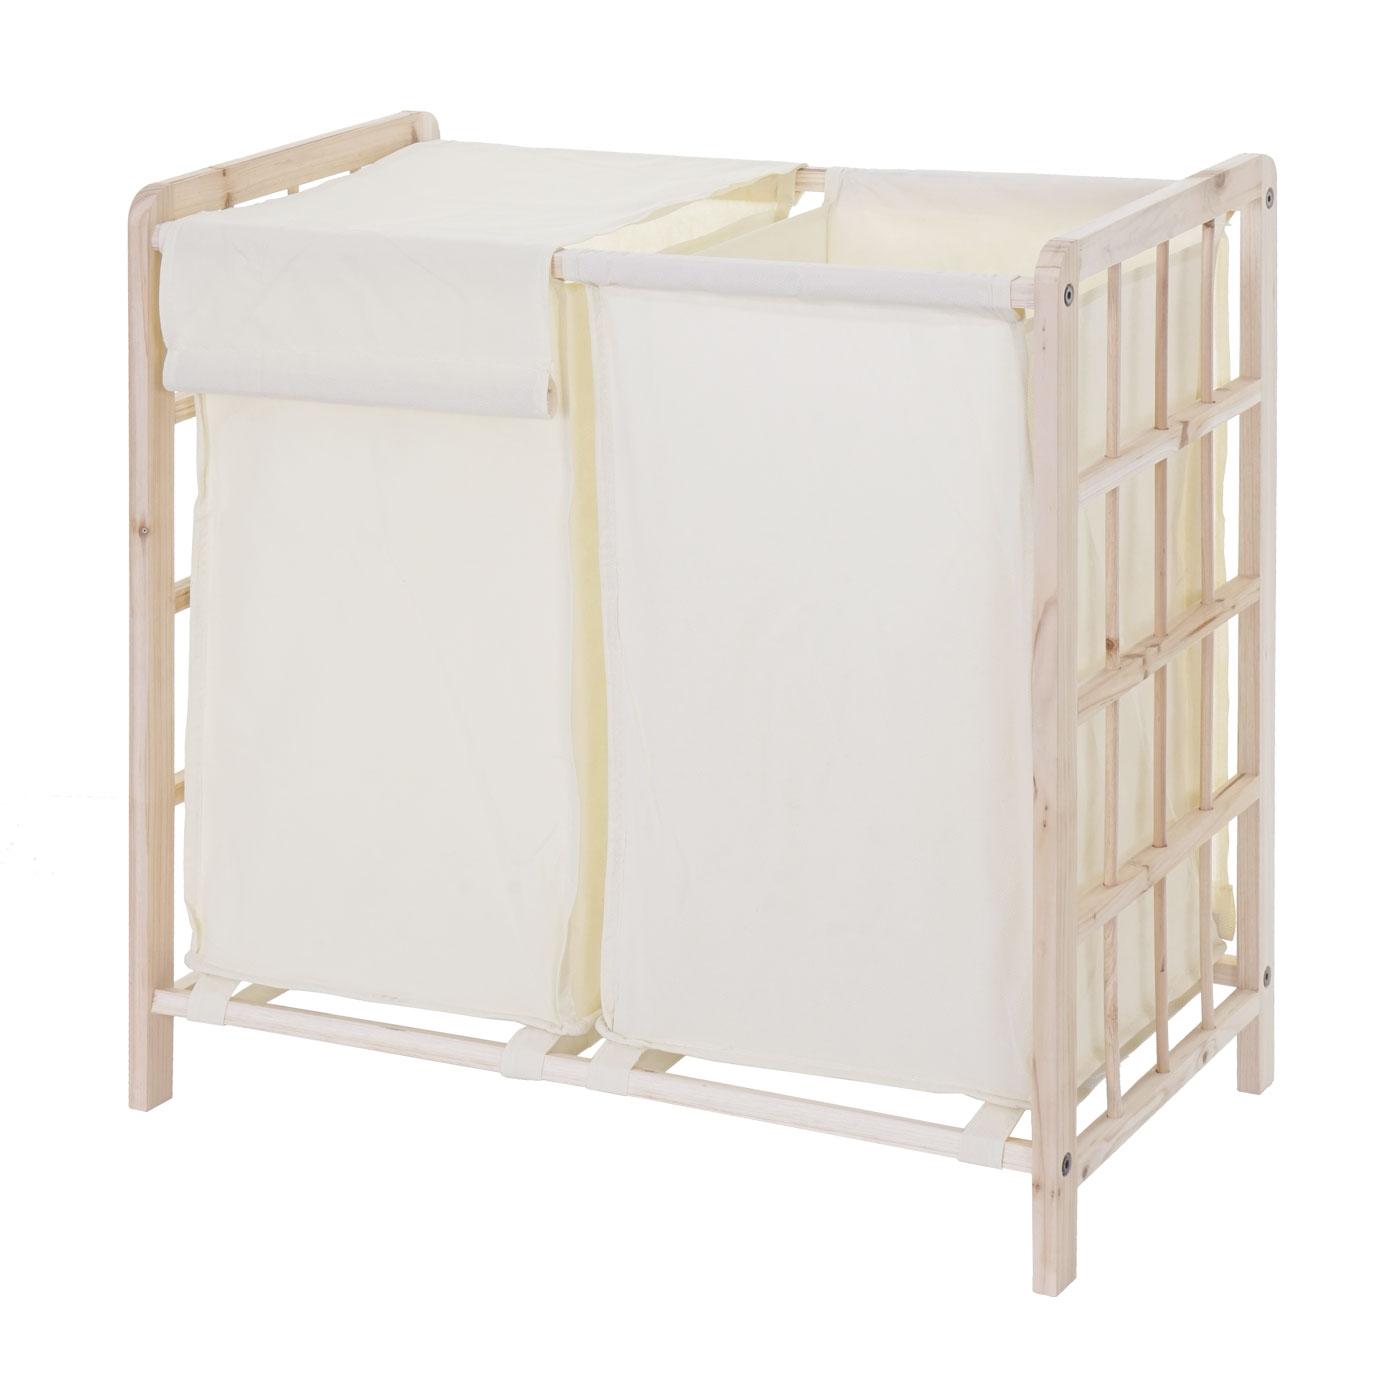 w schesammler hwc b60 laundry w schesortierer tanne 2 f cher 60x60x33cm 68l ebay. Black Bedroom Furniture Sets. Home Design Ideas